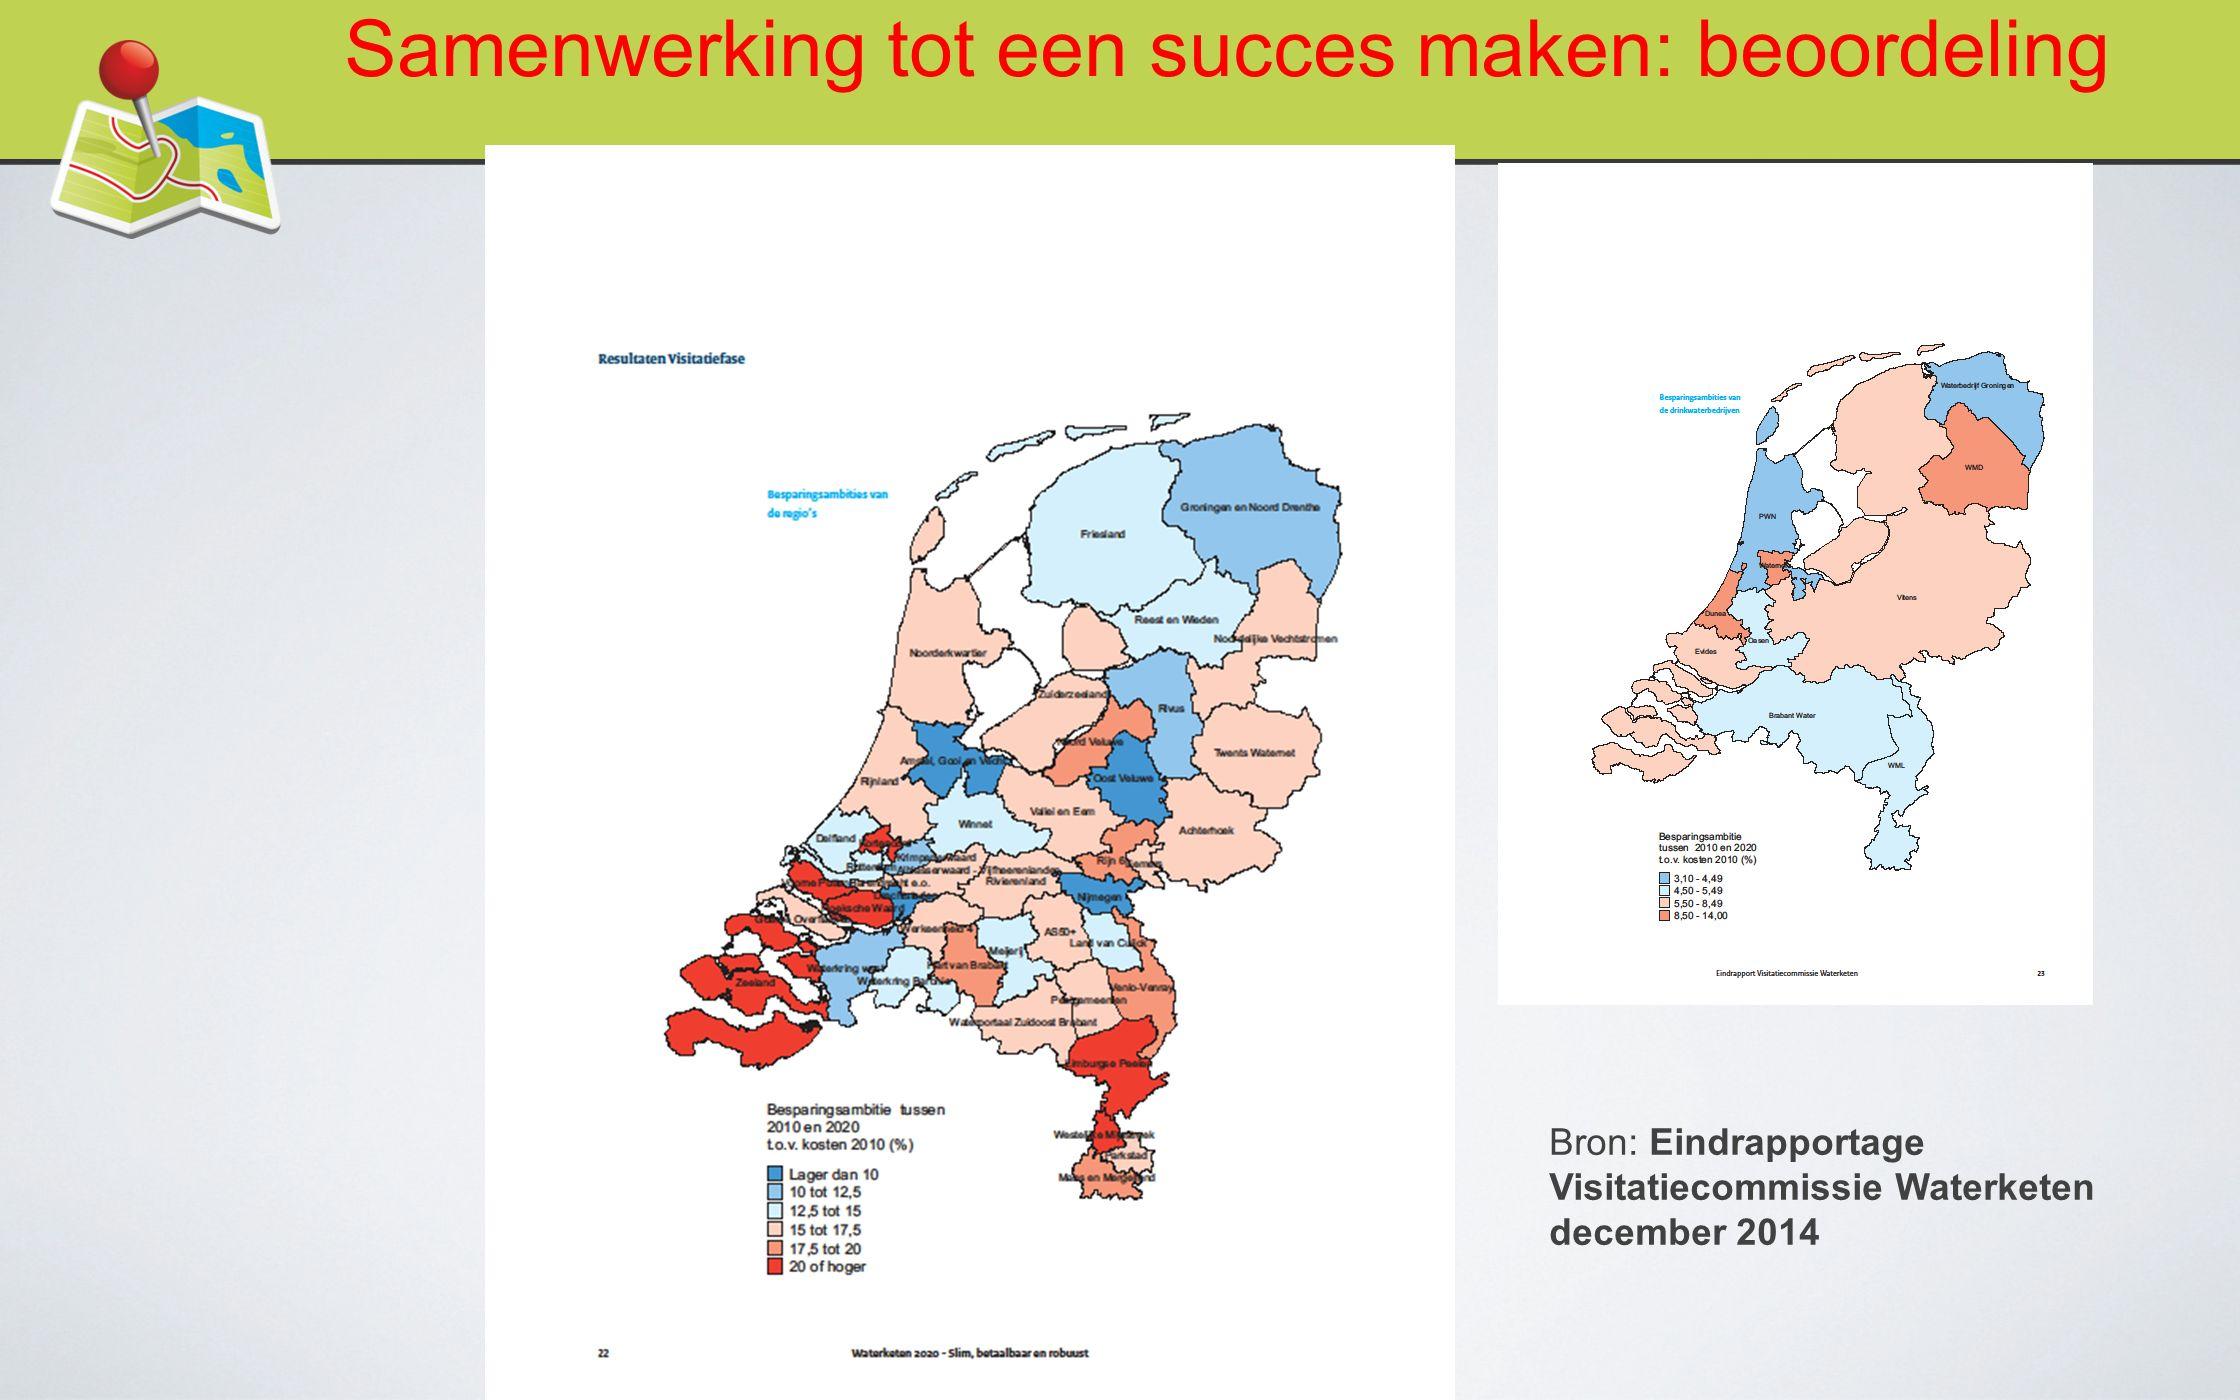 Bron: Eindrapportage Visitatiecommissie Waterketen december 2014 Samenwerking tot een succes maken: beoordeling